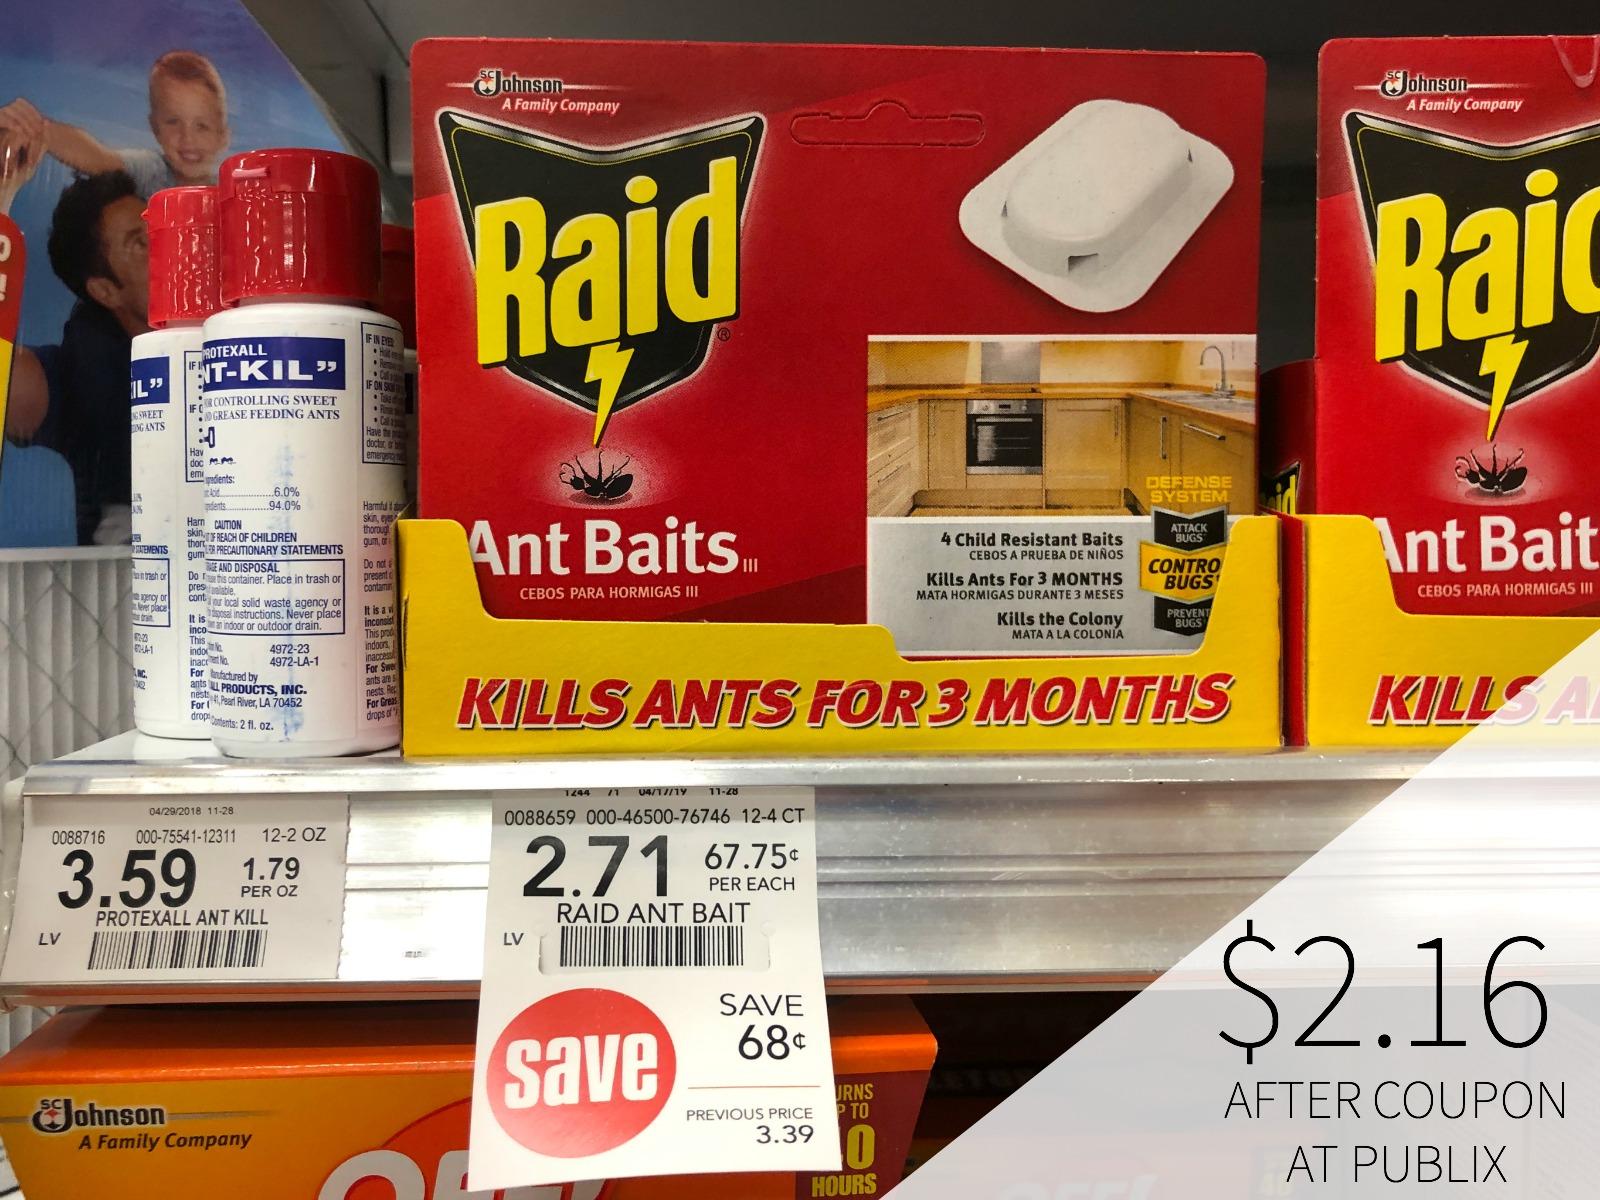 Raid Coupons For Publix Sale - Ant Baits Just $2.16 on I Heart Publix